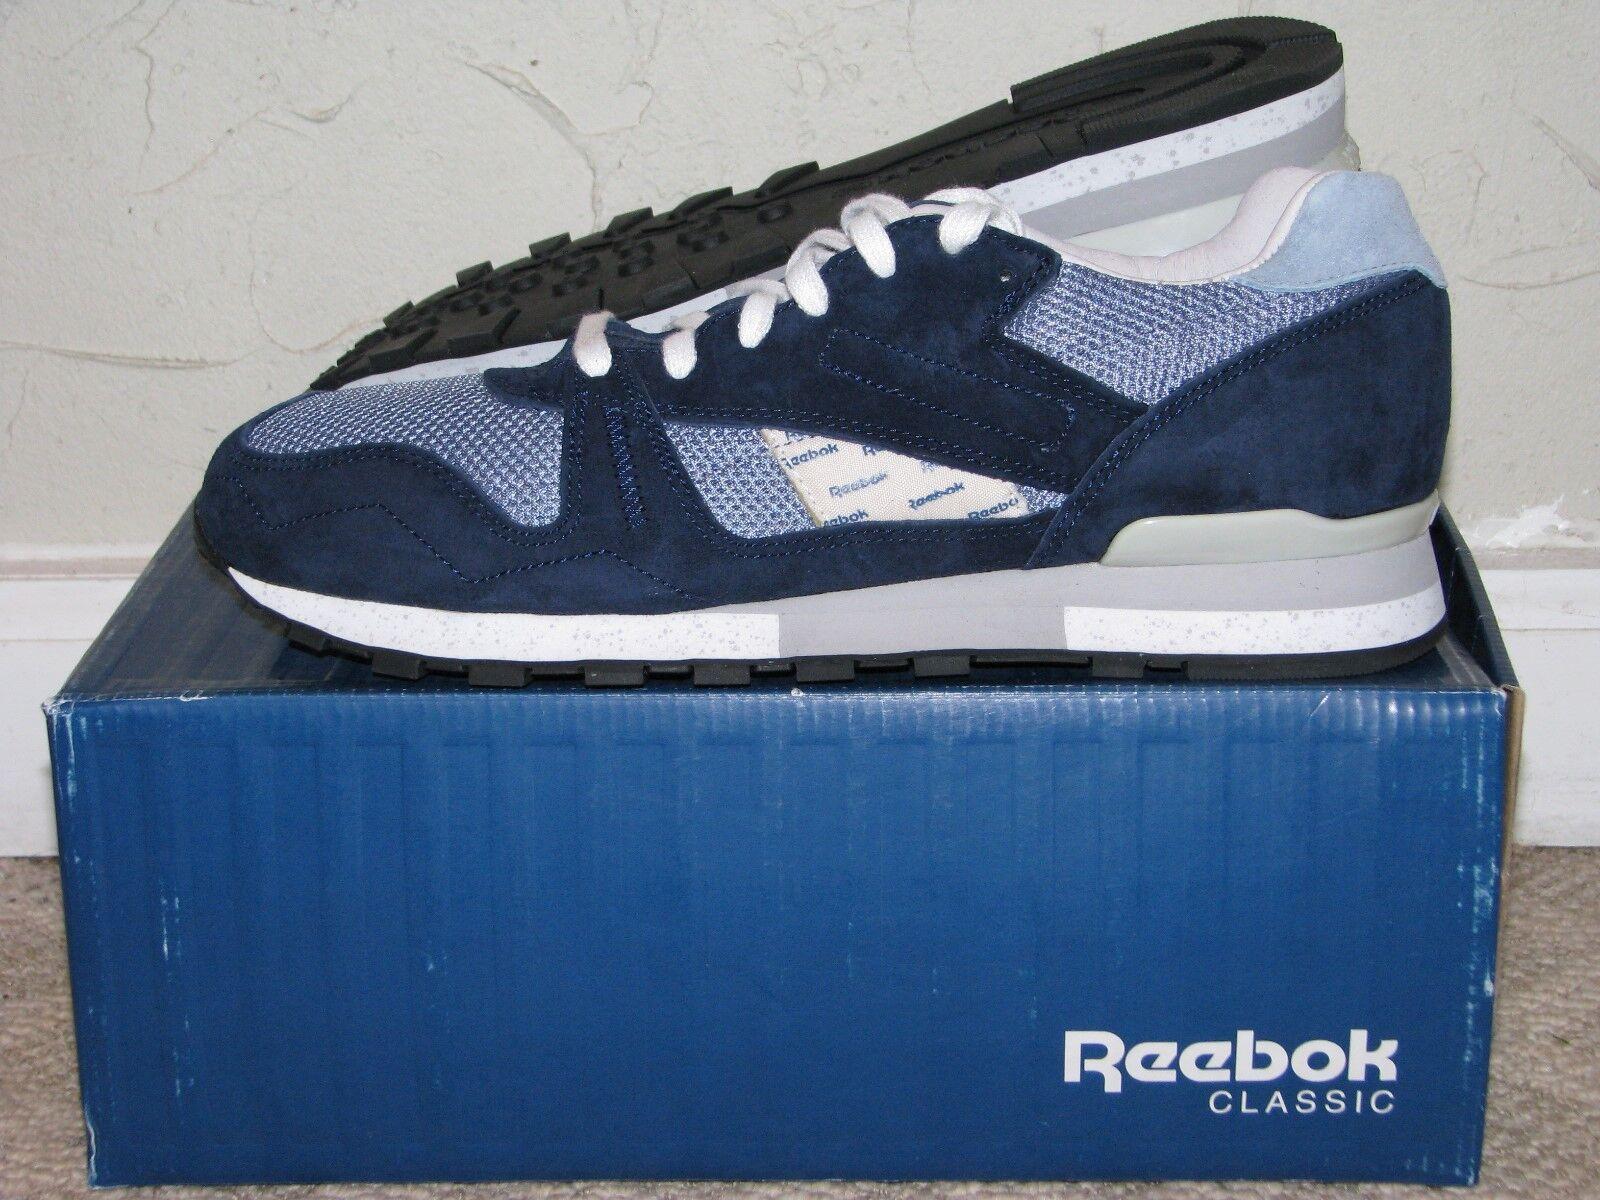 Garbstore x Reebok Phase II 2 Navy bluee   Purple Mens Size 9.5 DS NEW  M43018